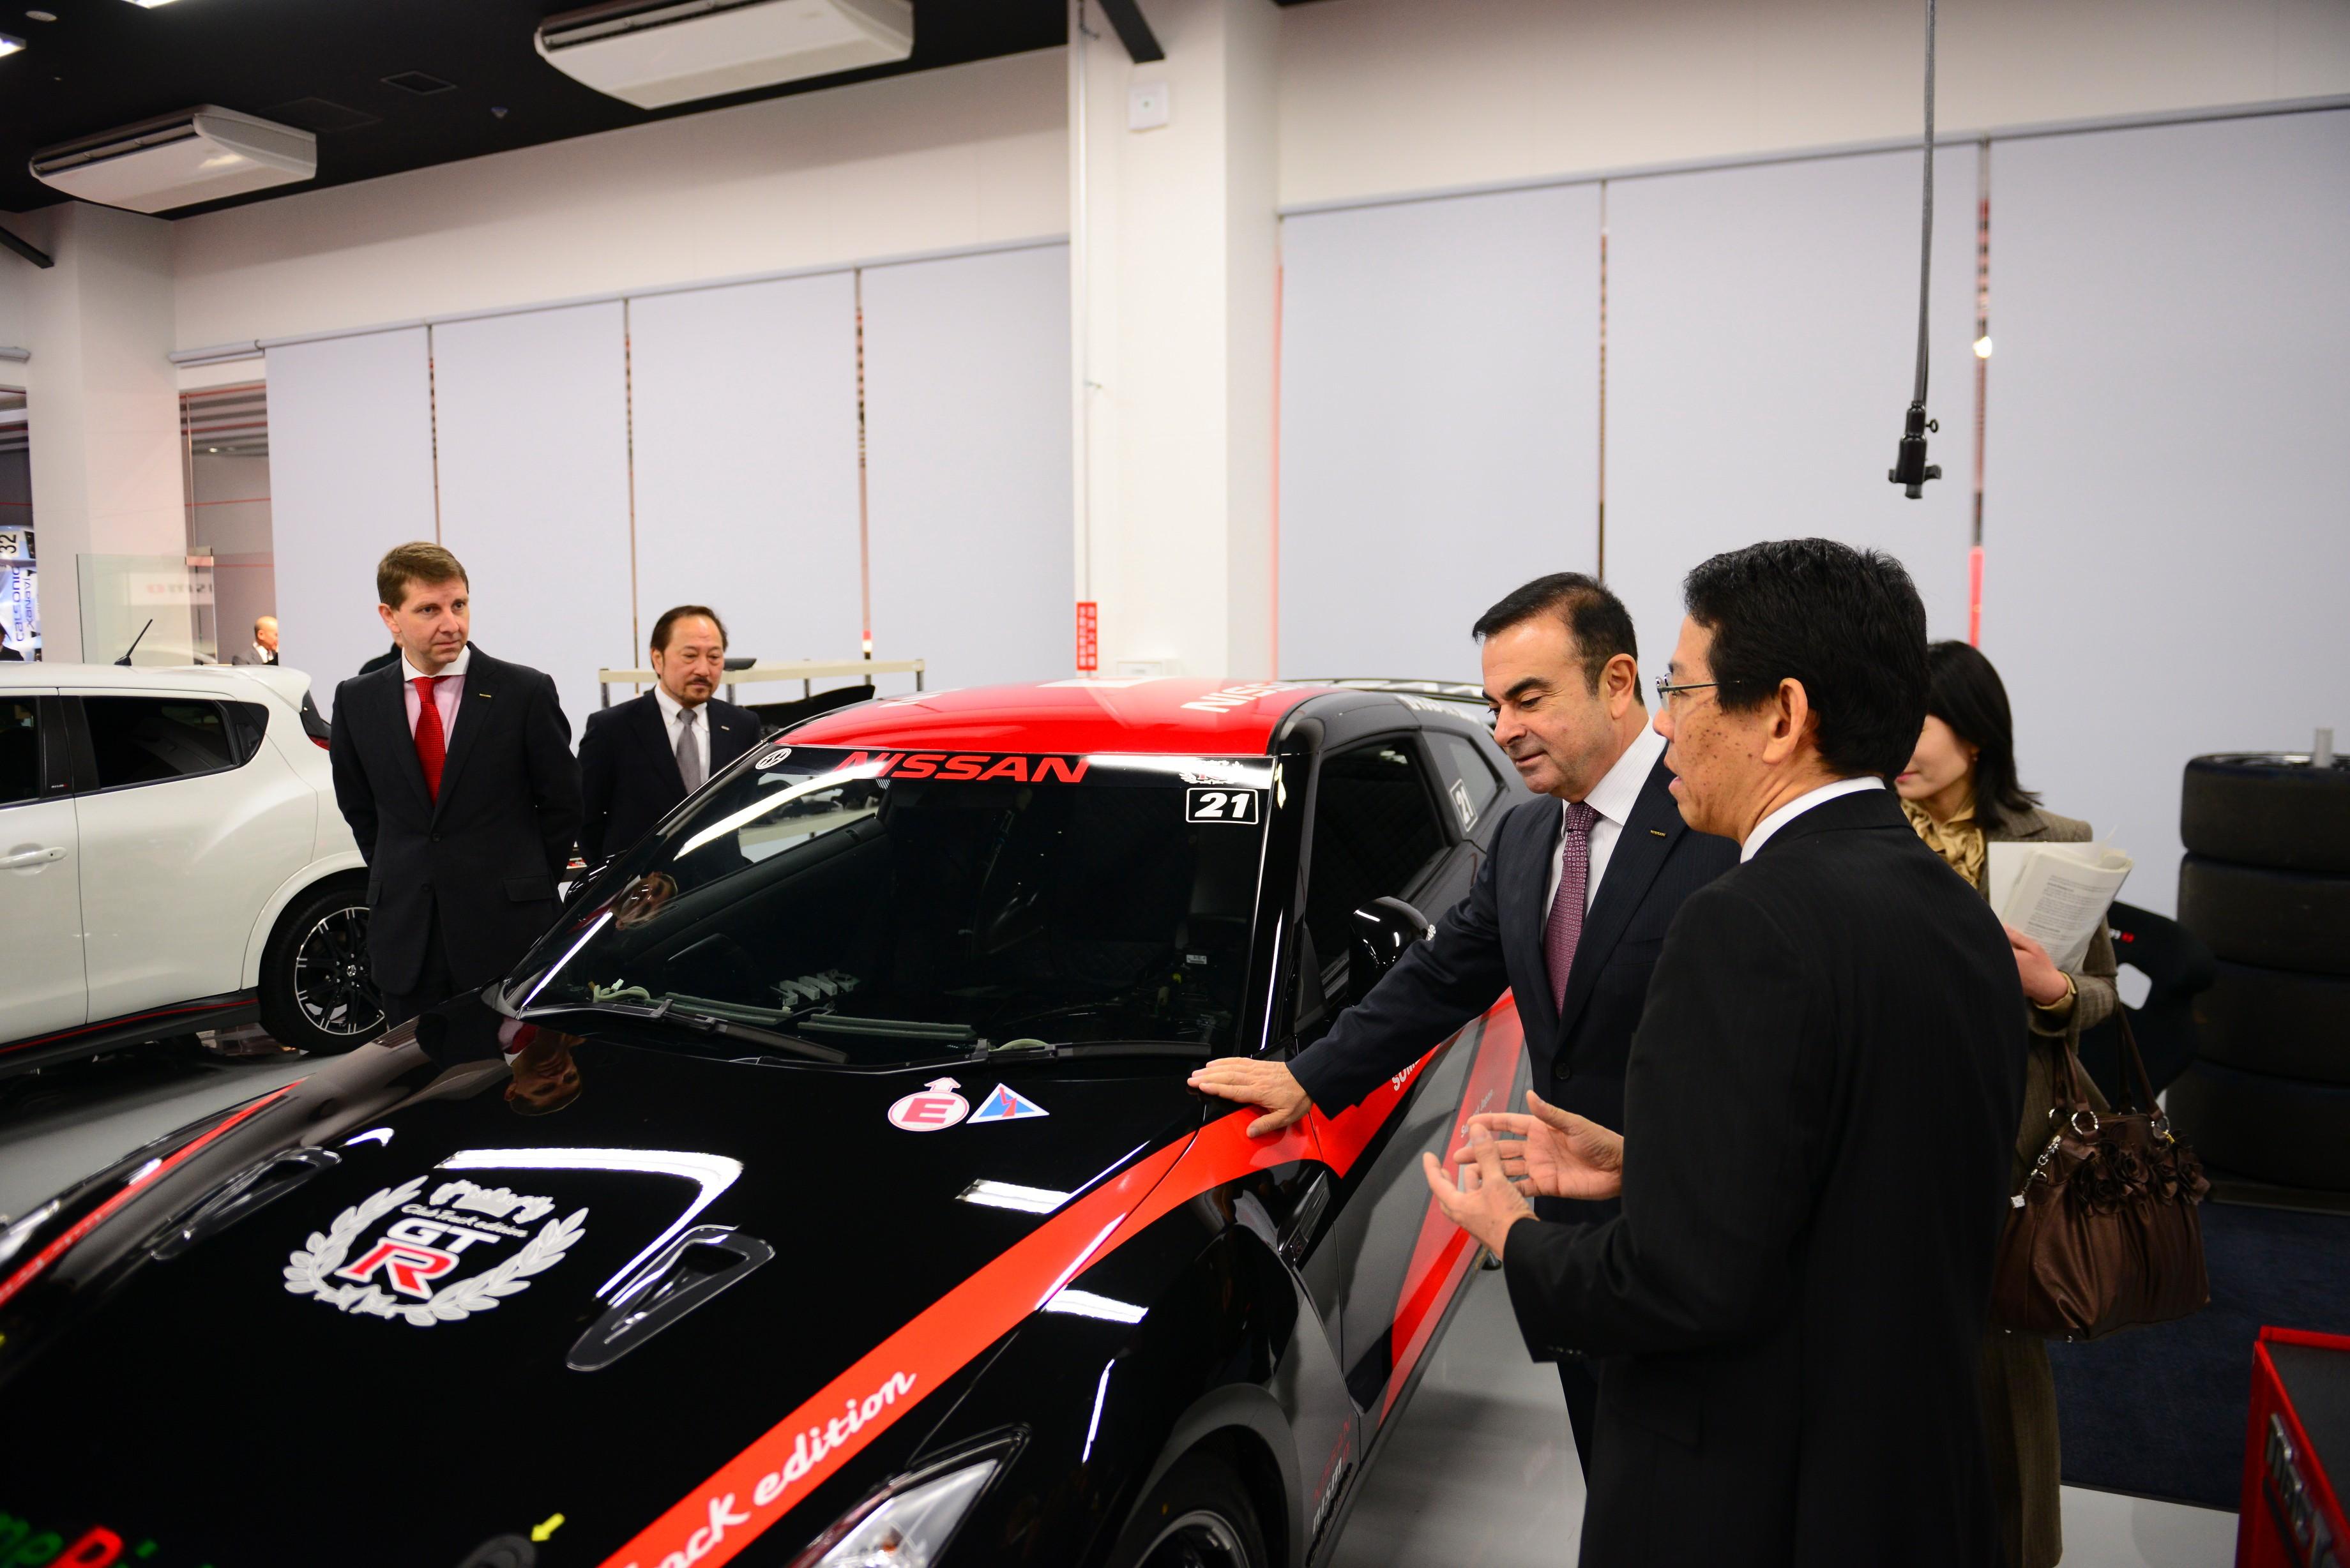 Nissan-Präsident Carlos Ghosn (3.v.r.) bei der Eröffnung der Nismo-Unternehmenszentrale.